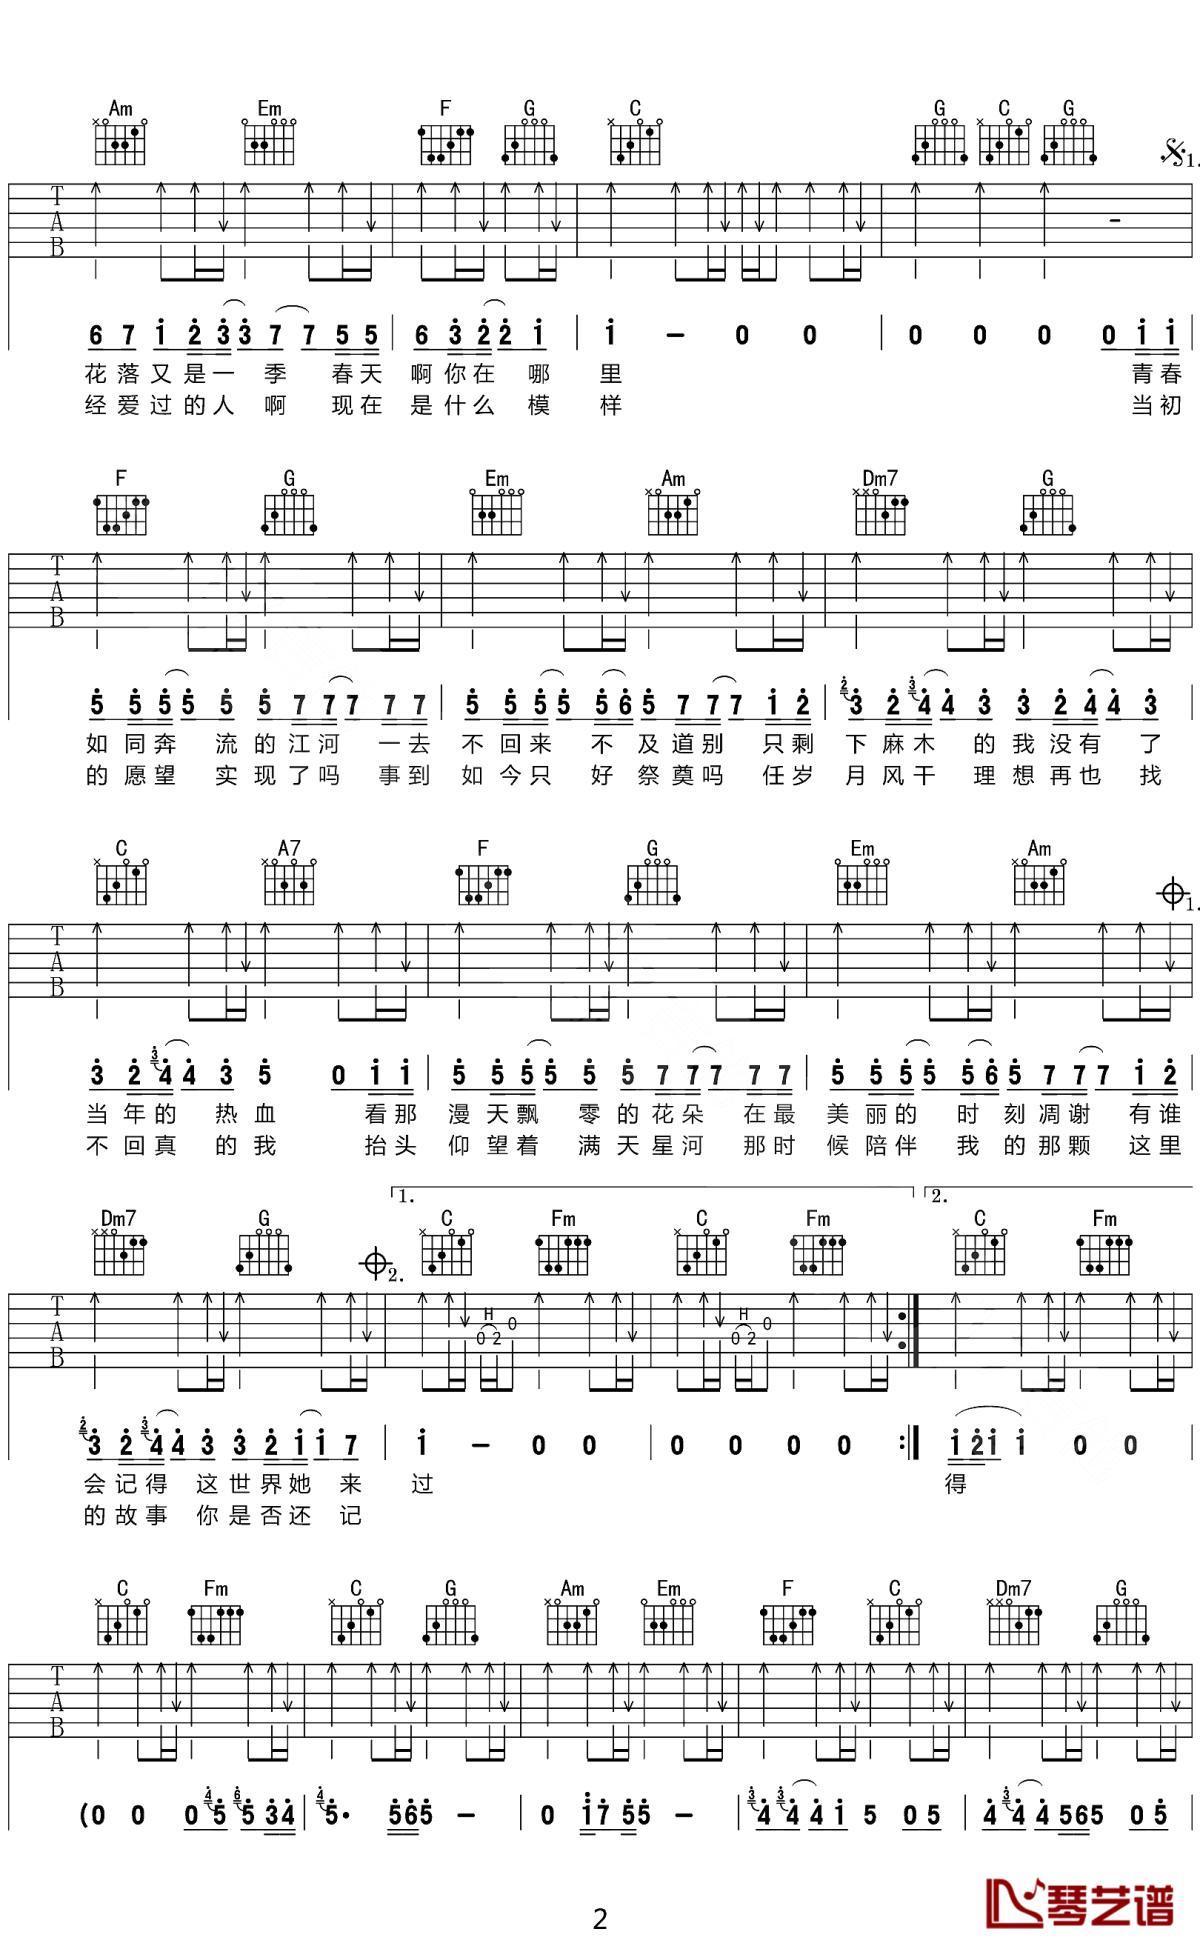 老男孩吉他谱 筷子兄弟 C调民谣吉他弹唱曲谱2